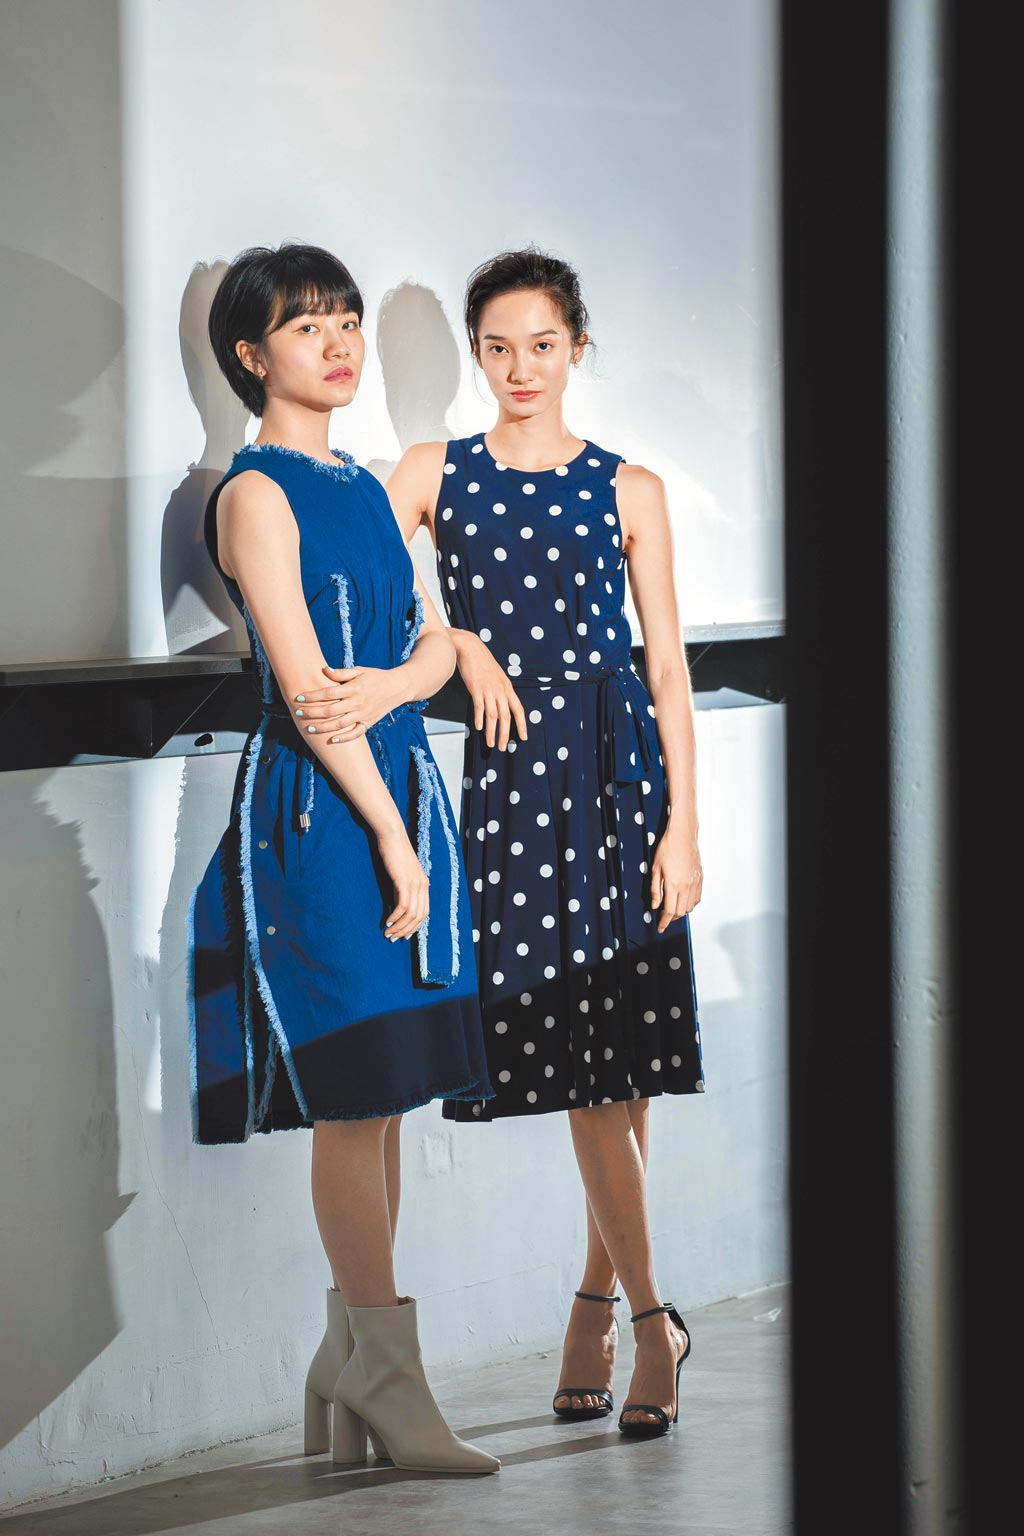 《返校》影集雙女主角李玲葦(左)、韓寧日前接受專訪分享拍戲心情。(石智中攝)